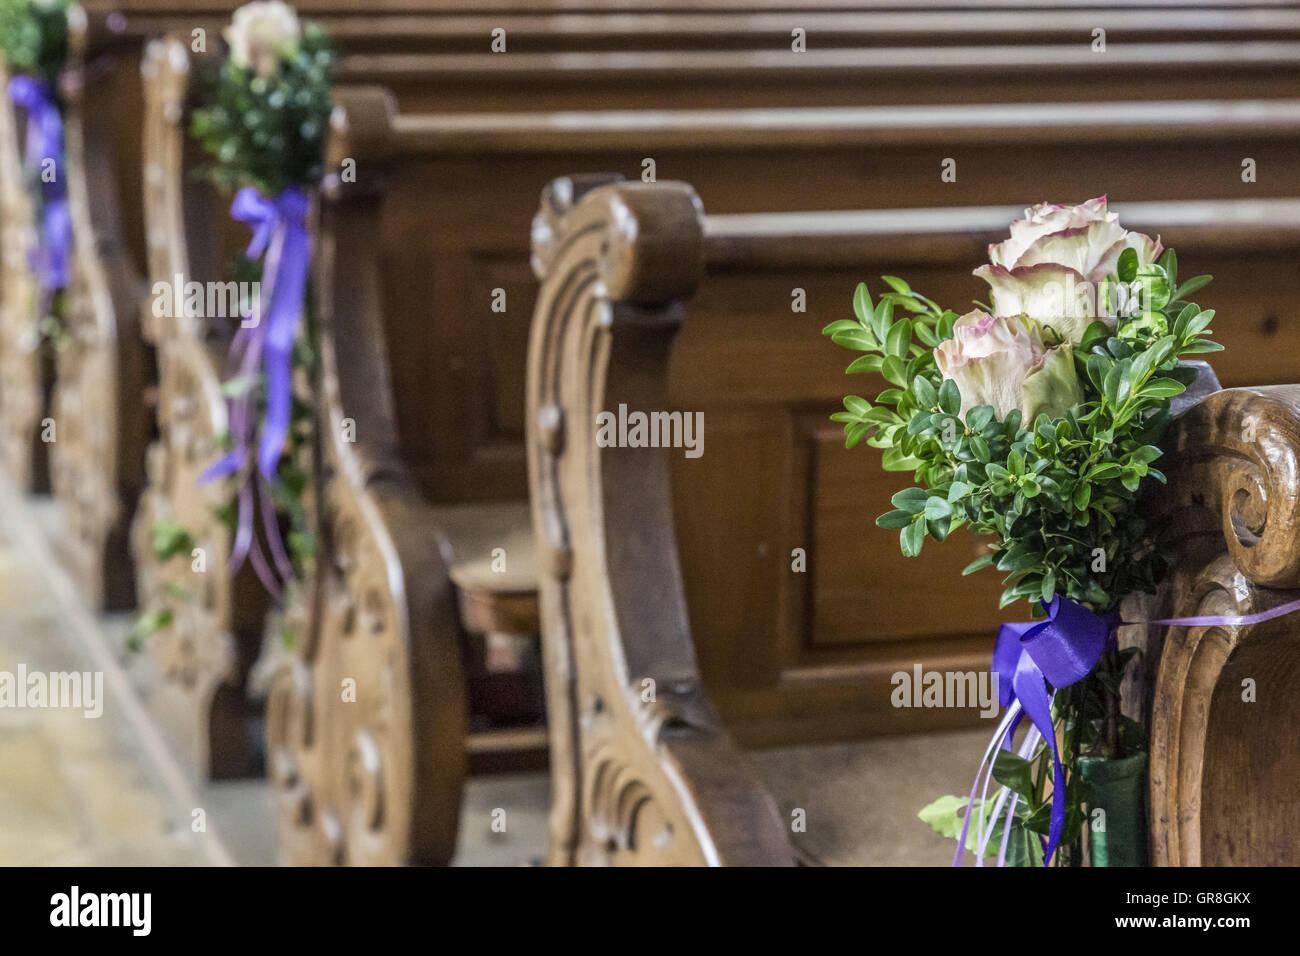 Detailansicht einer alten Holzbank In einer Kirche mit einem Blumenschmuck Stockbild